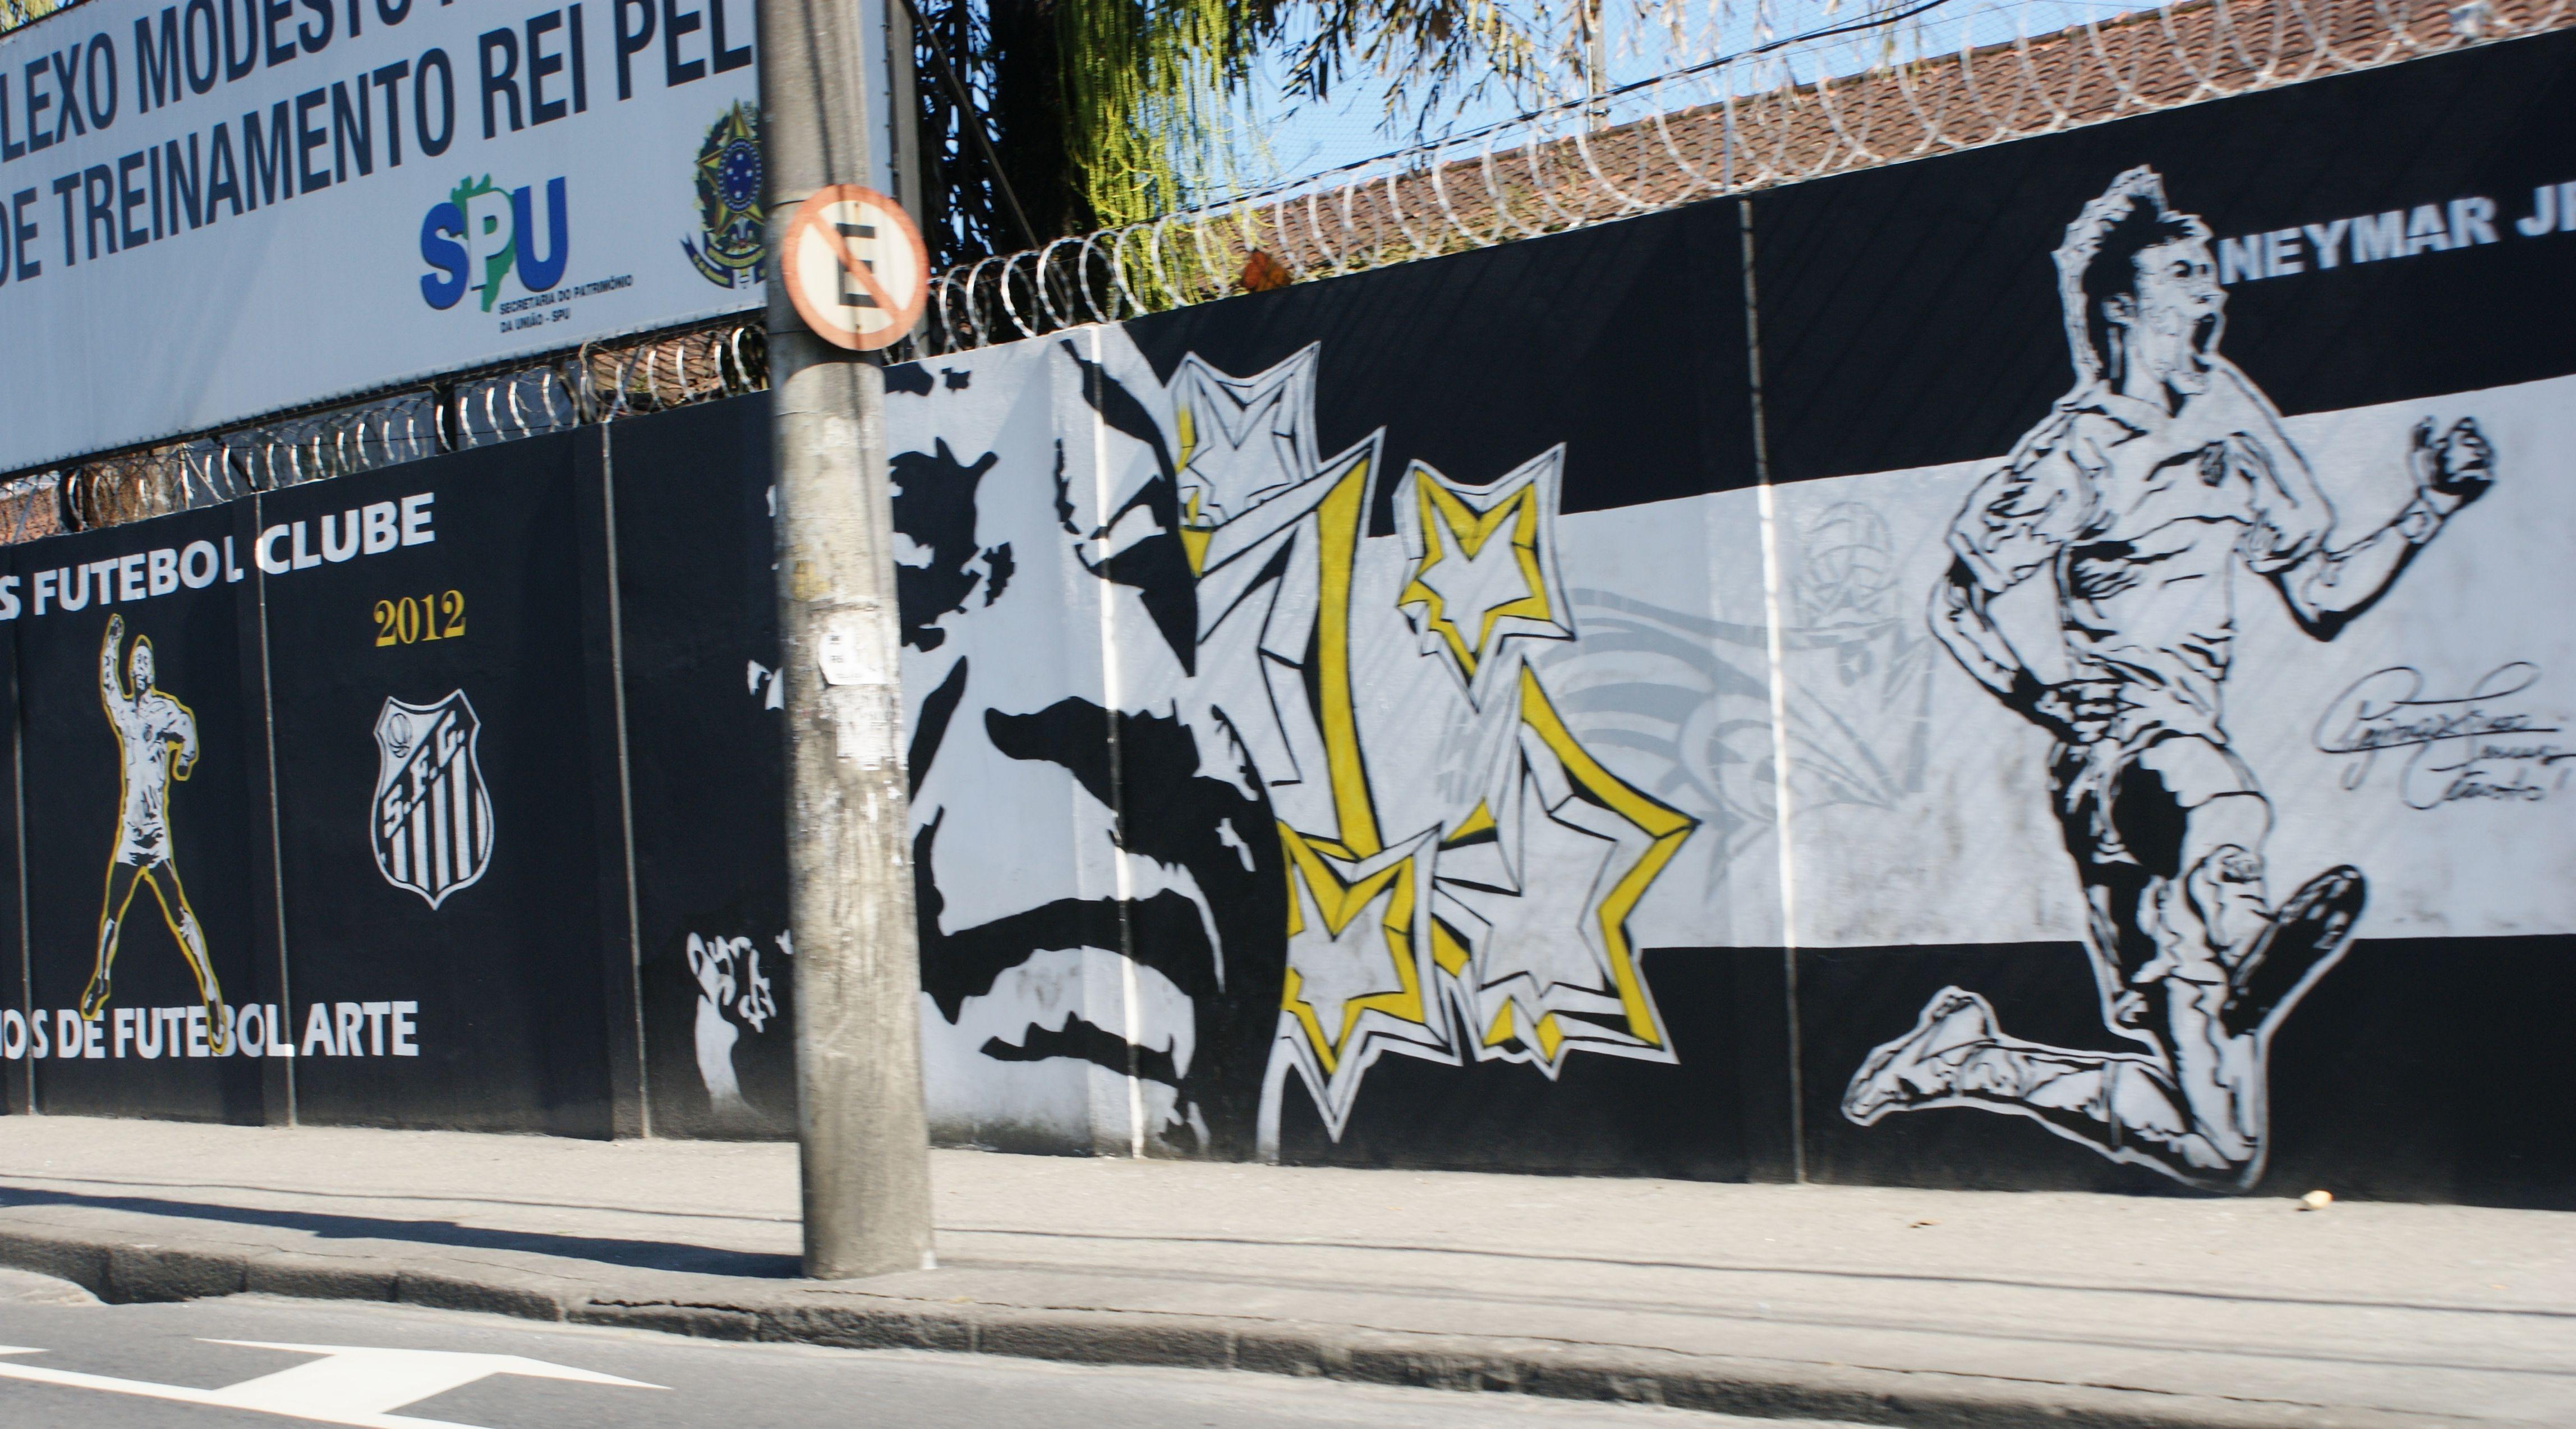 Mural Stadium Graffiti Famous Soccer Football Players Pele And Neymar